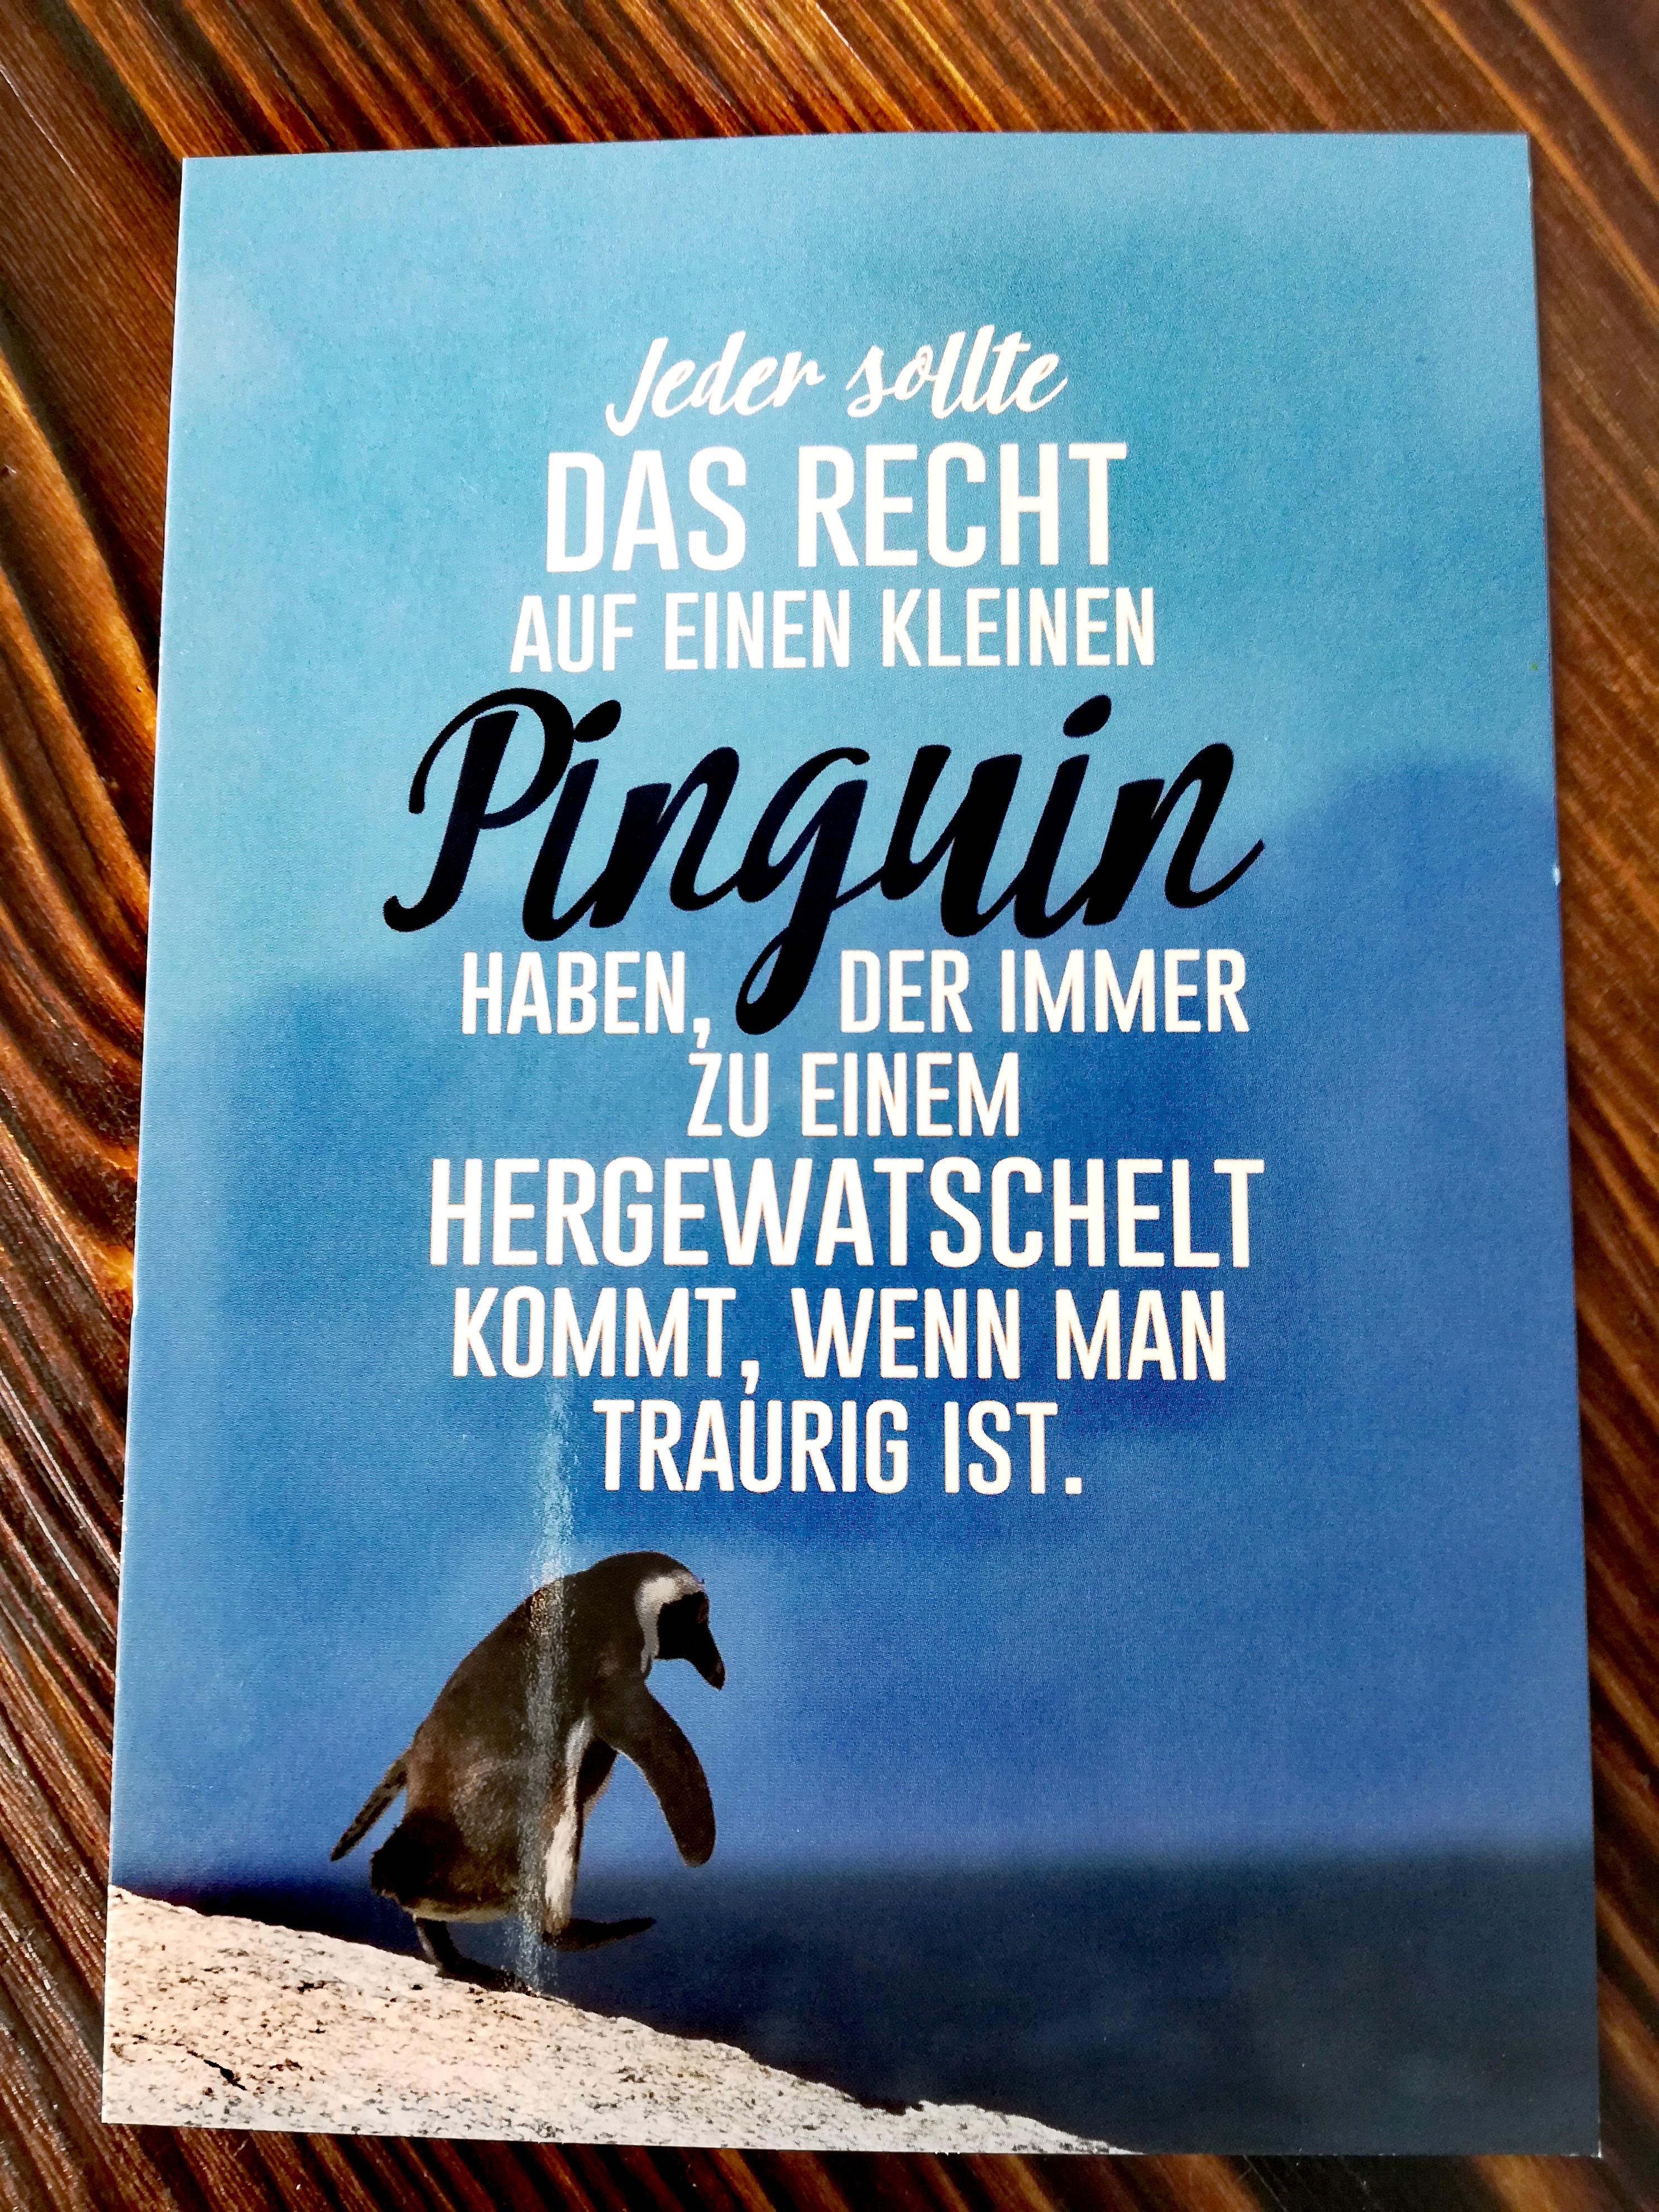 Jeder sollte das Recht auf einen kleinen Pinguin haben, ...